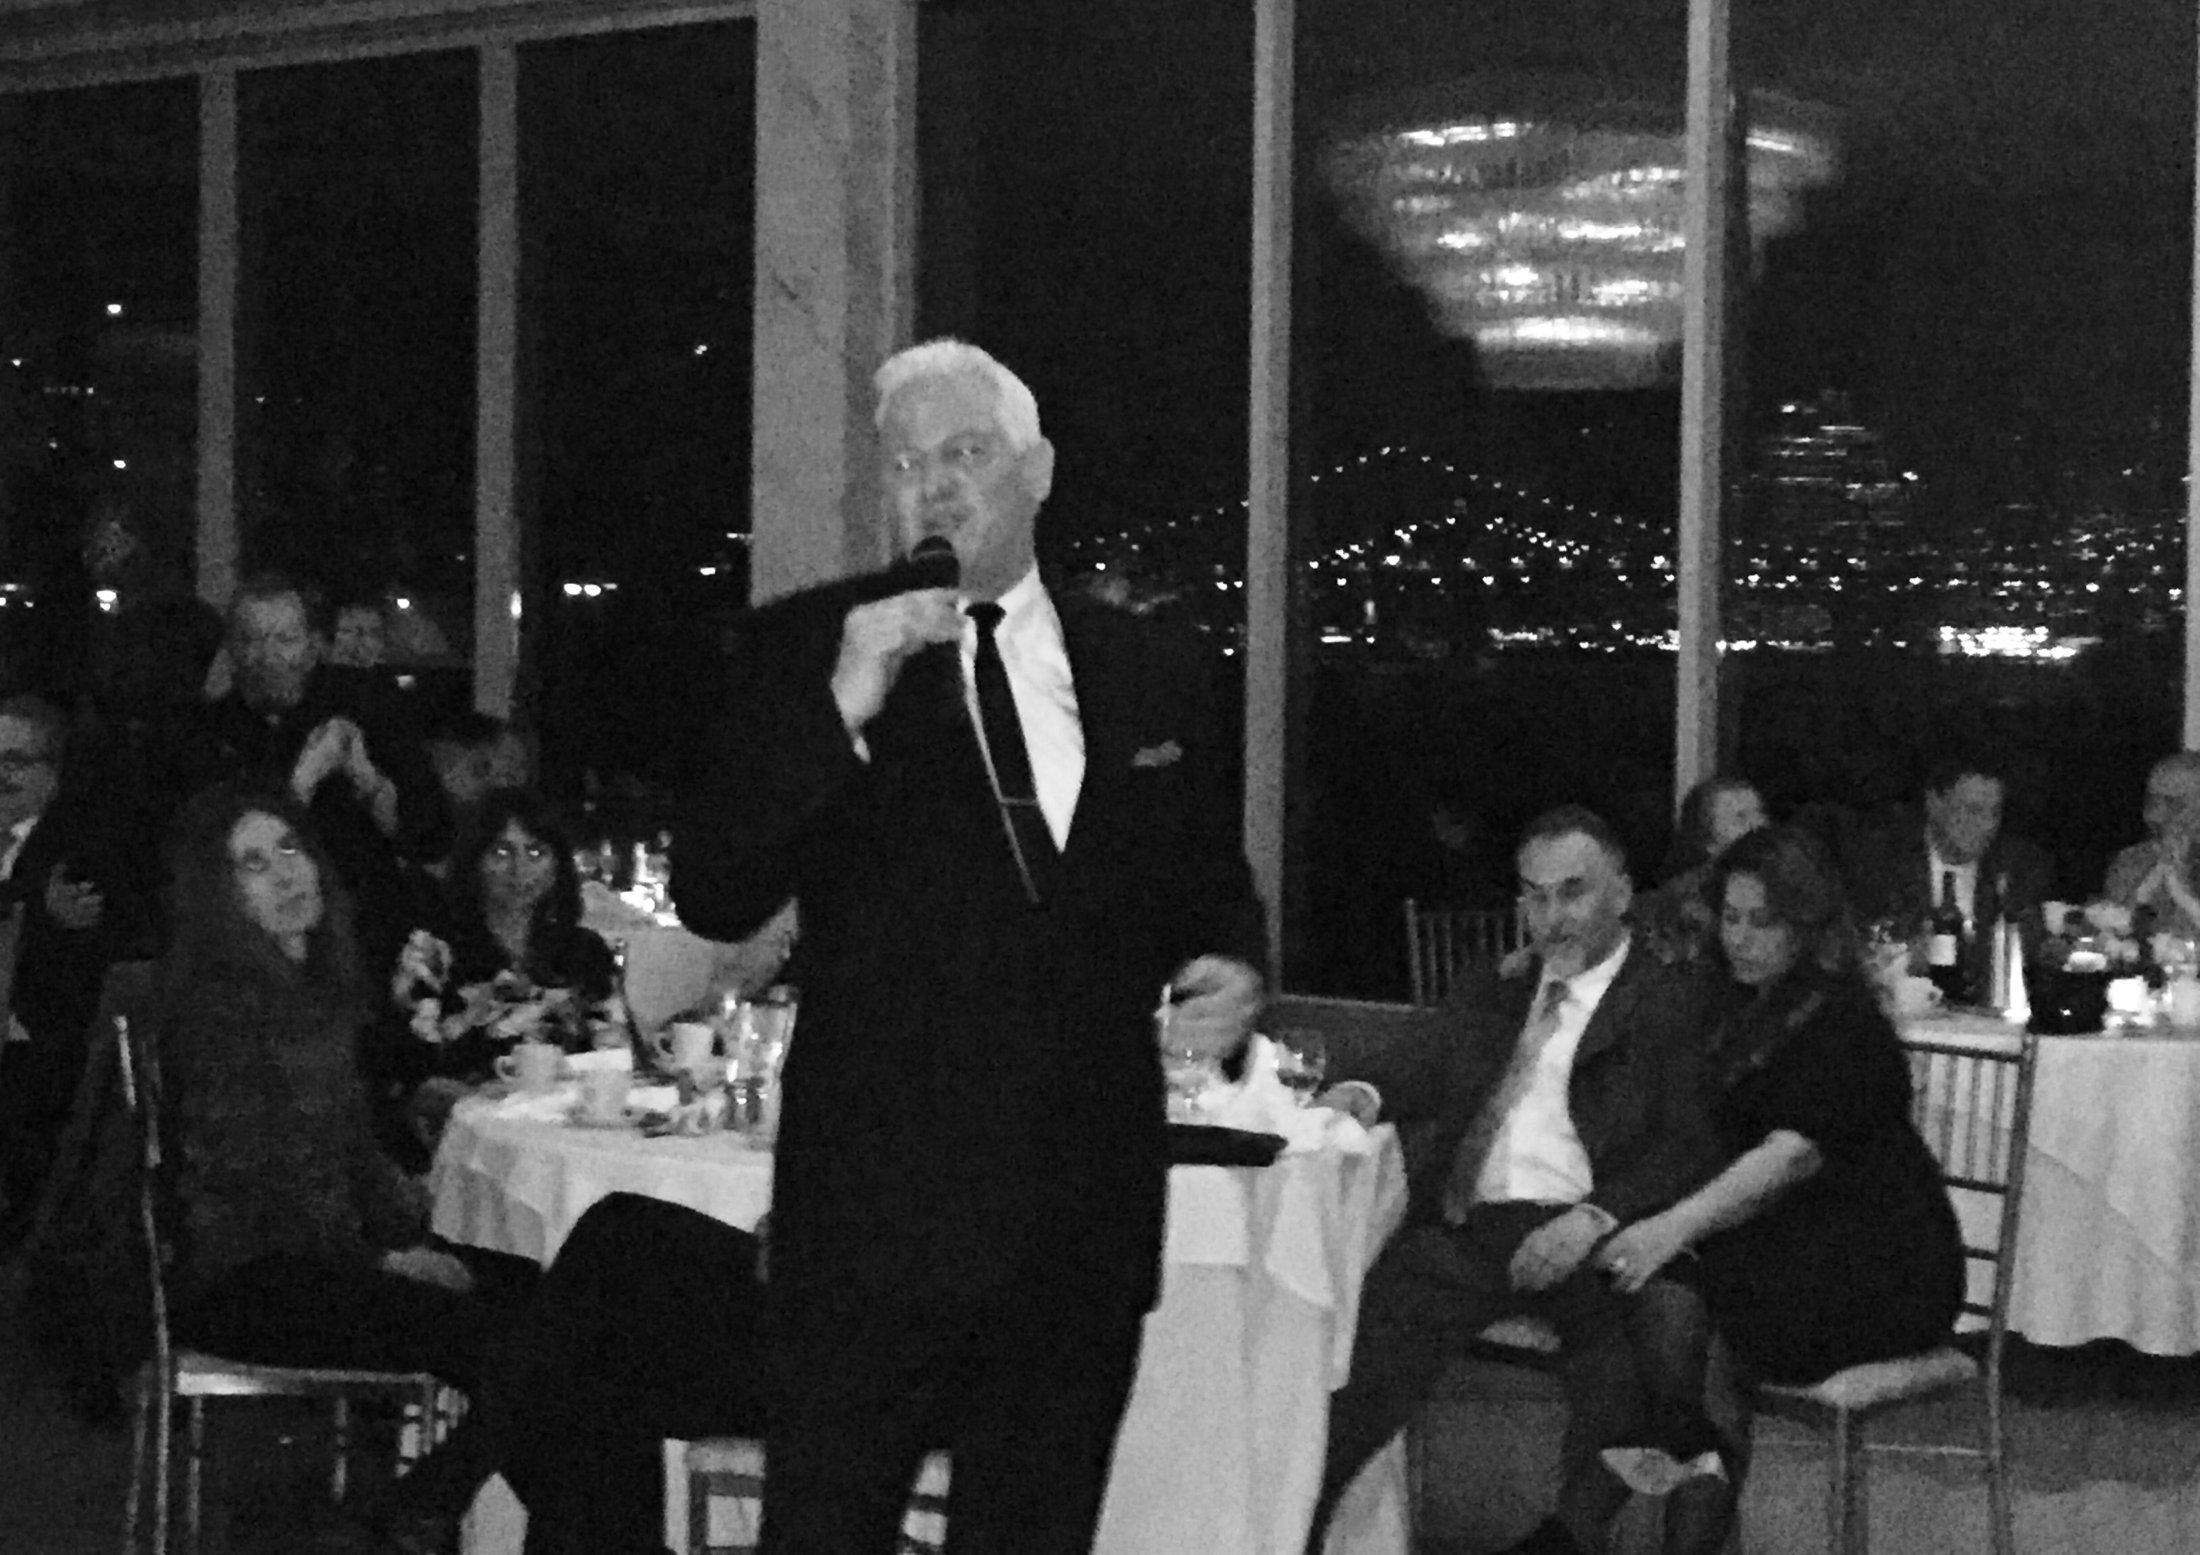 Tony Corrao at Dinner Club